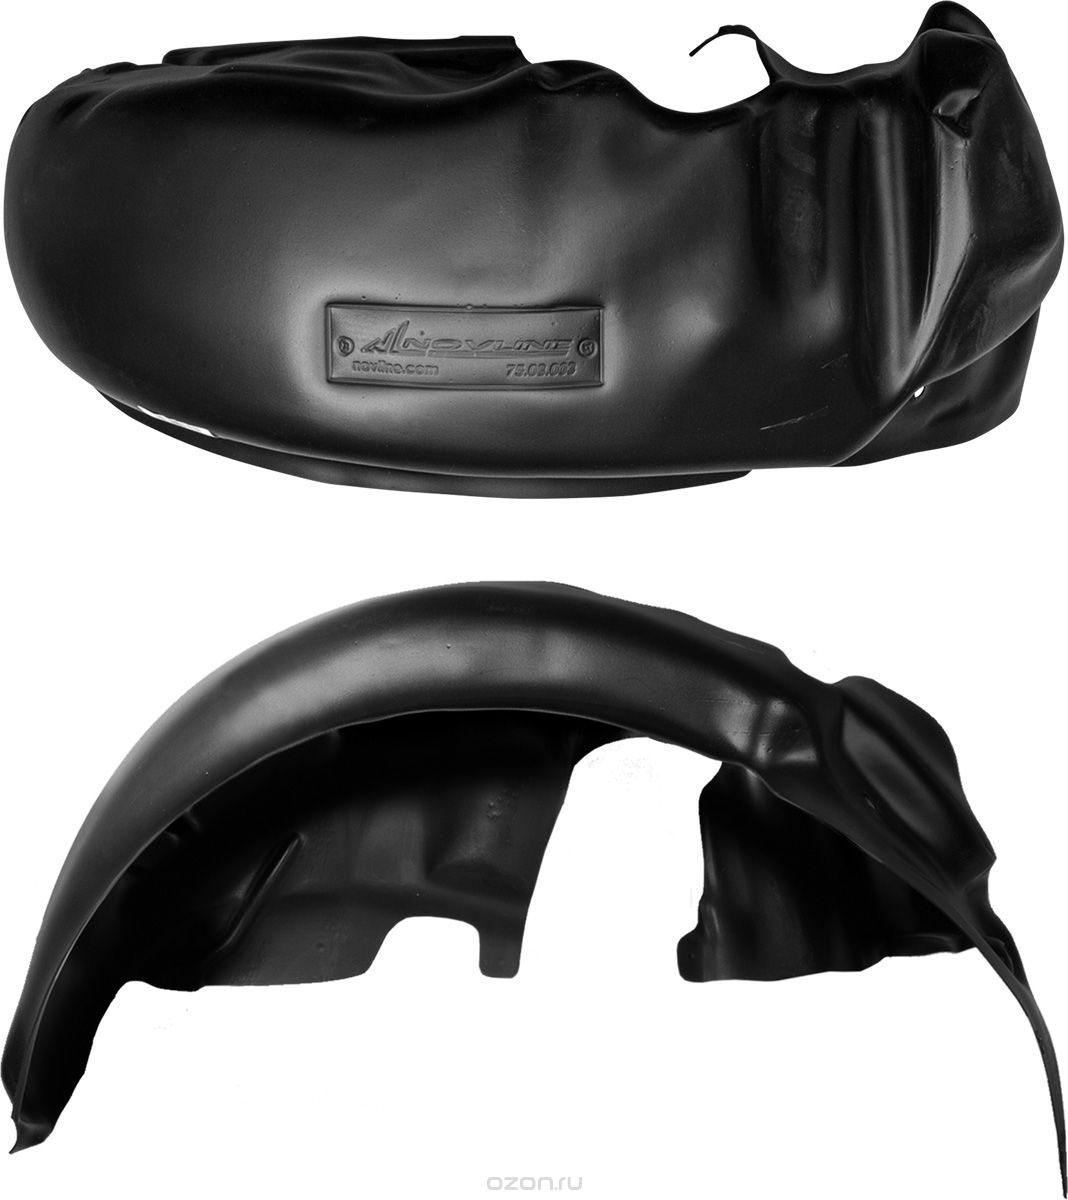 Подкрылок Novline-Autofamily, для RENAULT Kaptur, 04/2016->, передний правыйSVC-300Идеальная защита колесной ниши. Локеры разработаны с применением цифровых технологий, гарантируют максимальную повторяемость поверхности арки. Изделия устанавливаются без нарушения лакокрасочного покрытия автомобиля, каждый подкрылок комплектуется крепежом. Уважаемые клиенты, обращаем ваше внимание, что фотографии на подкрылки универсальные и не отражают реальную форму изделия. При этом само изделие идет точно под размер указанного автомобиля.